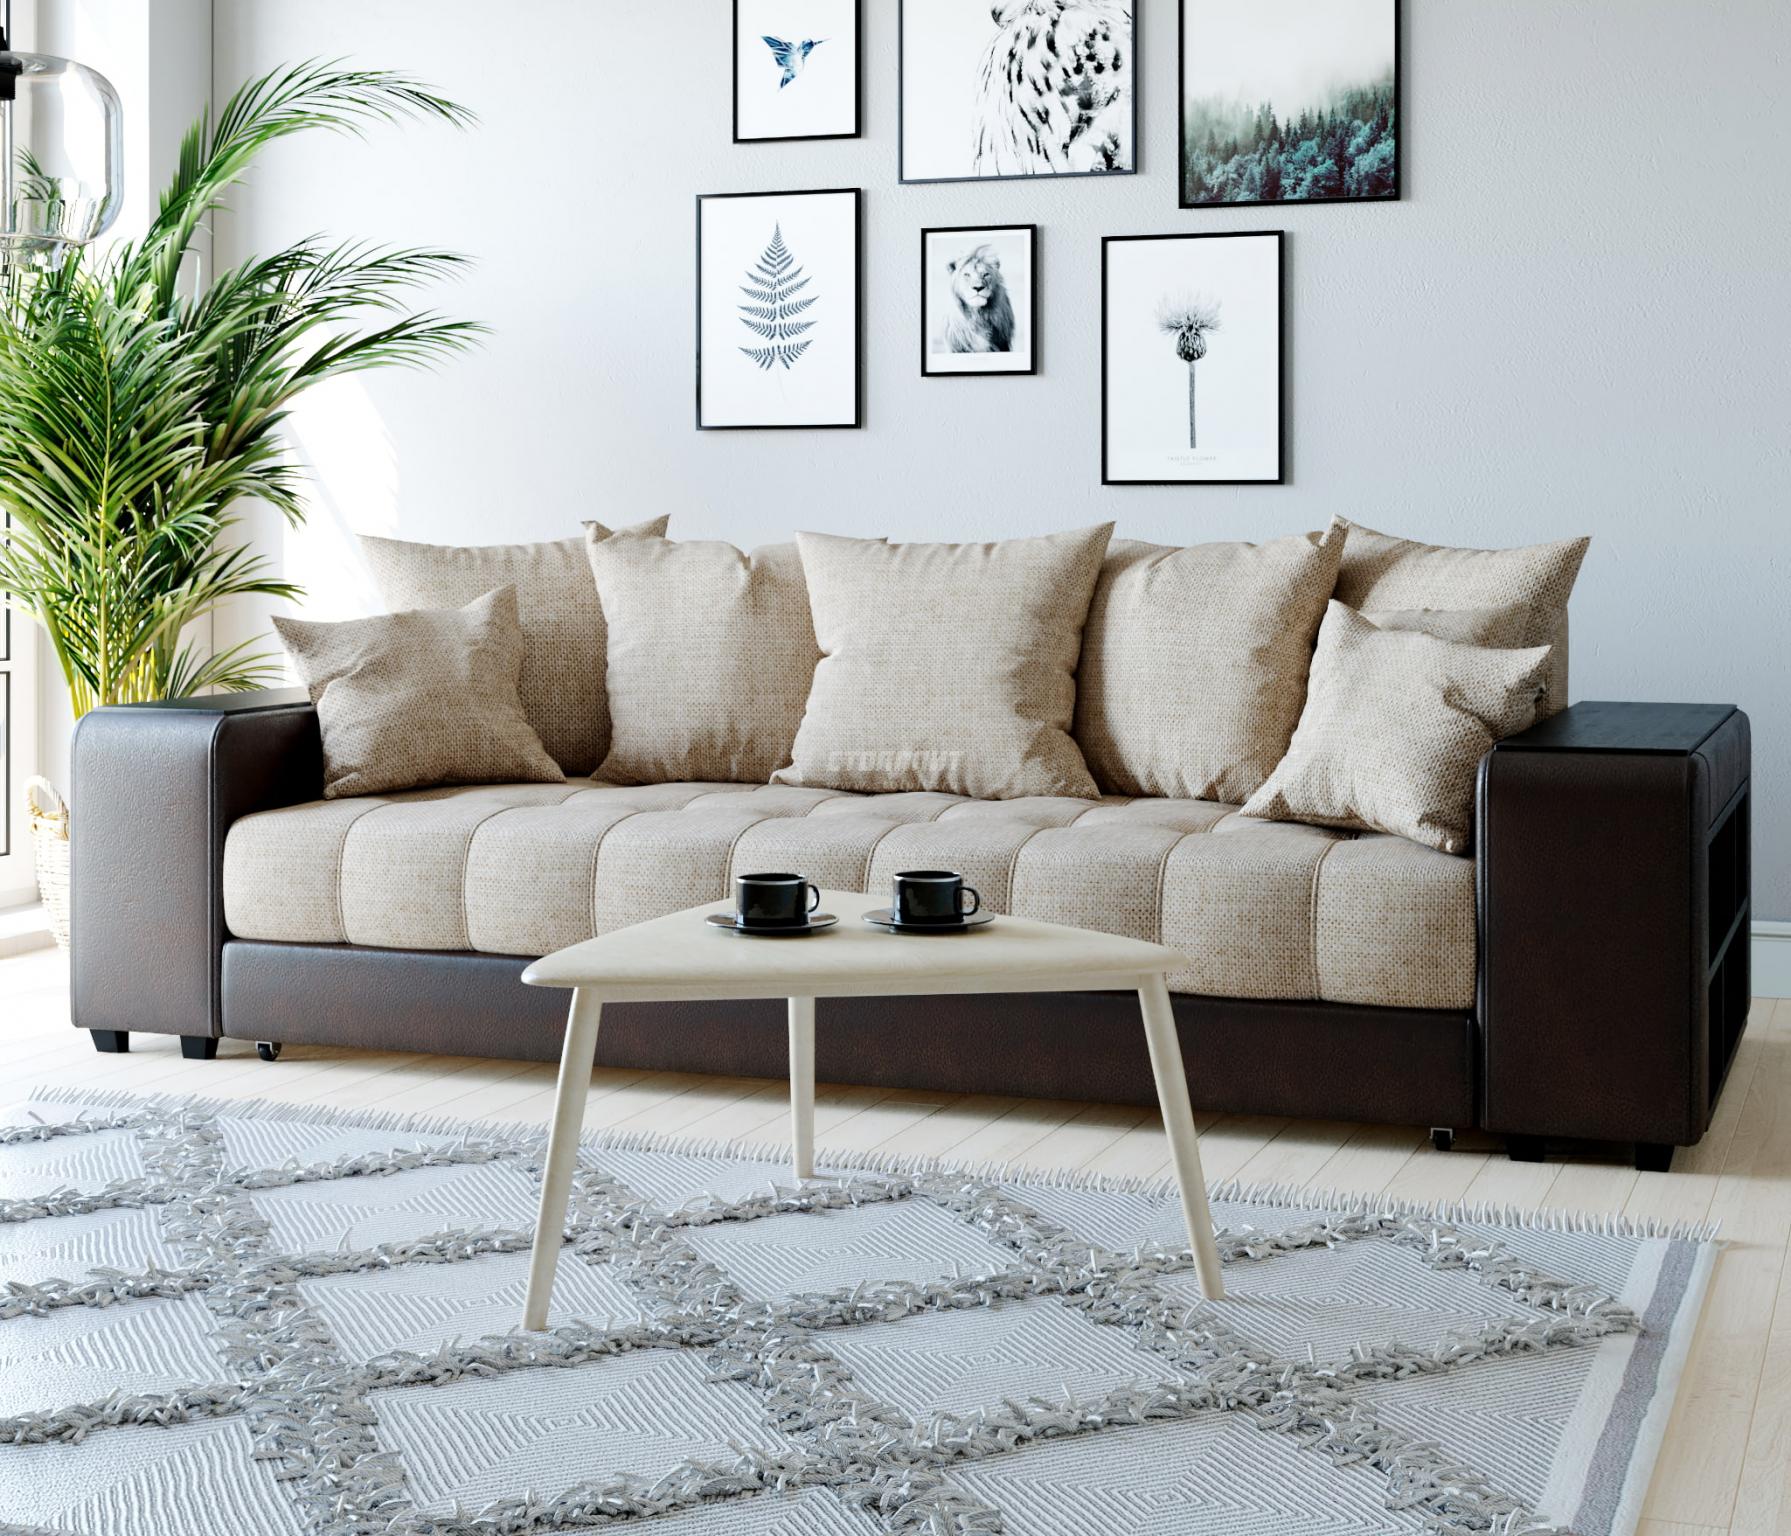 Диван дубай прямой много мебели снять квартиру в турции дешево